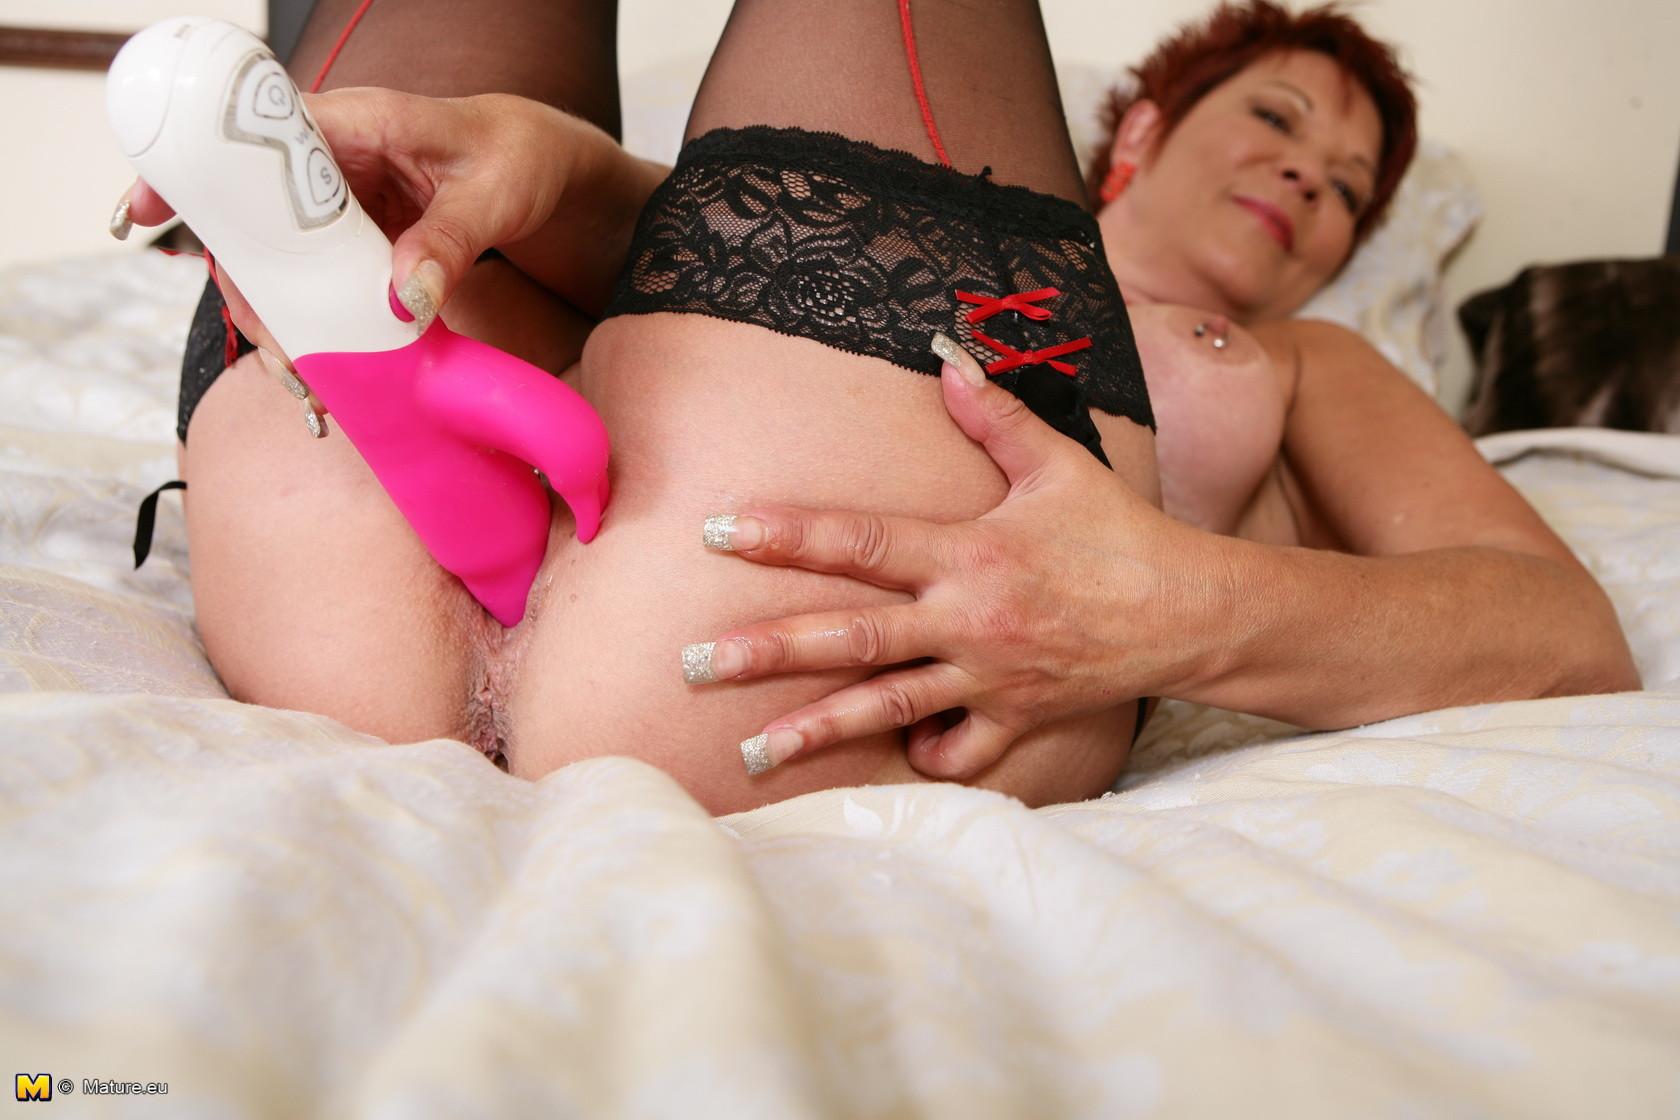 Короткостриженная зрелая долго может играть со своим розовым монстром, который способен разорвать ее, если затолкать его на всю длину